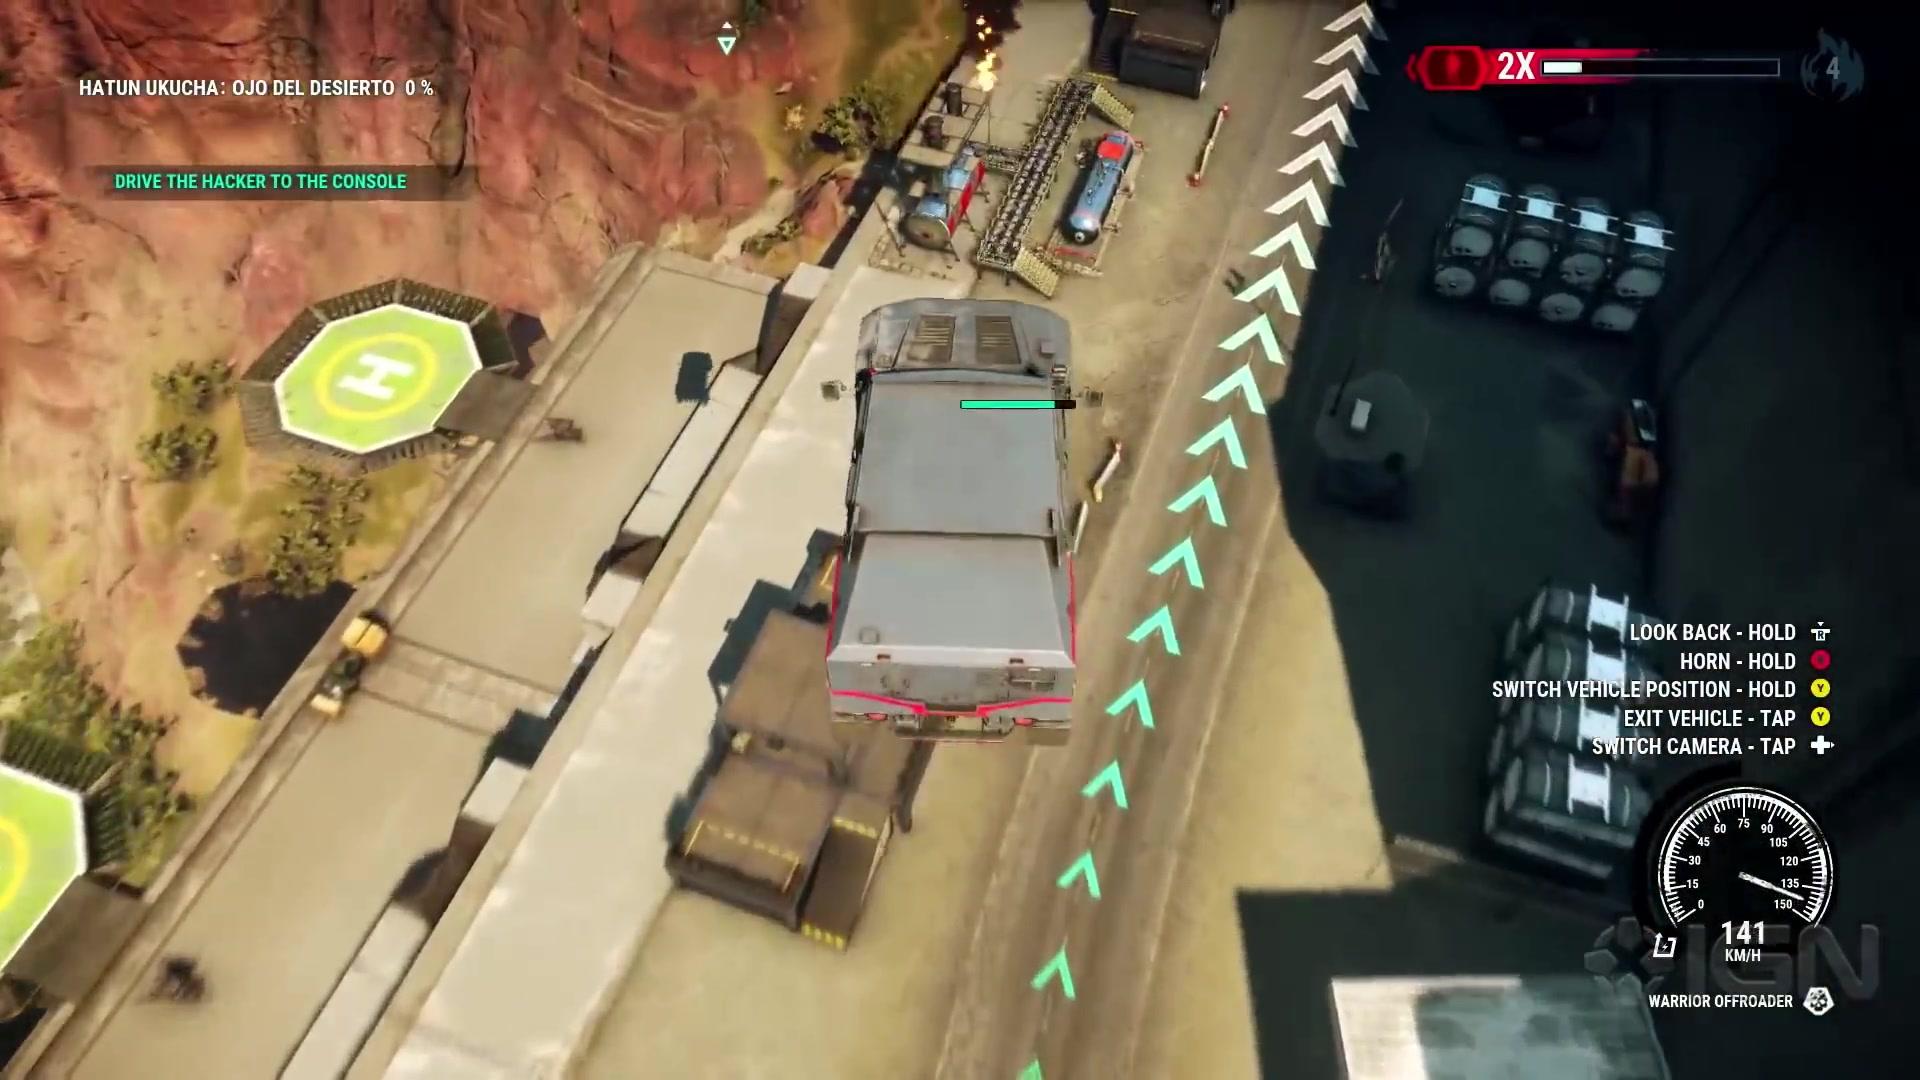 制造混乱反抗压迫 《正当防卫4》实机演示视频欣赏